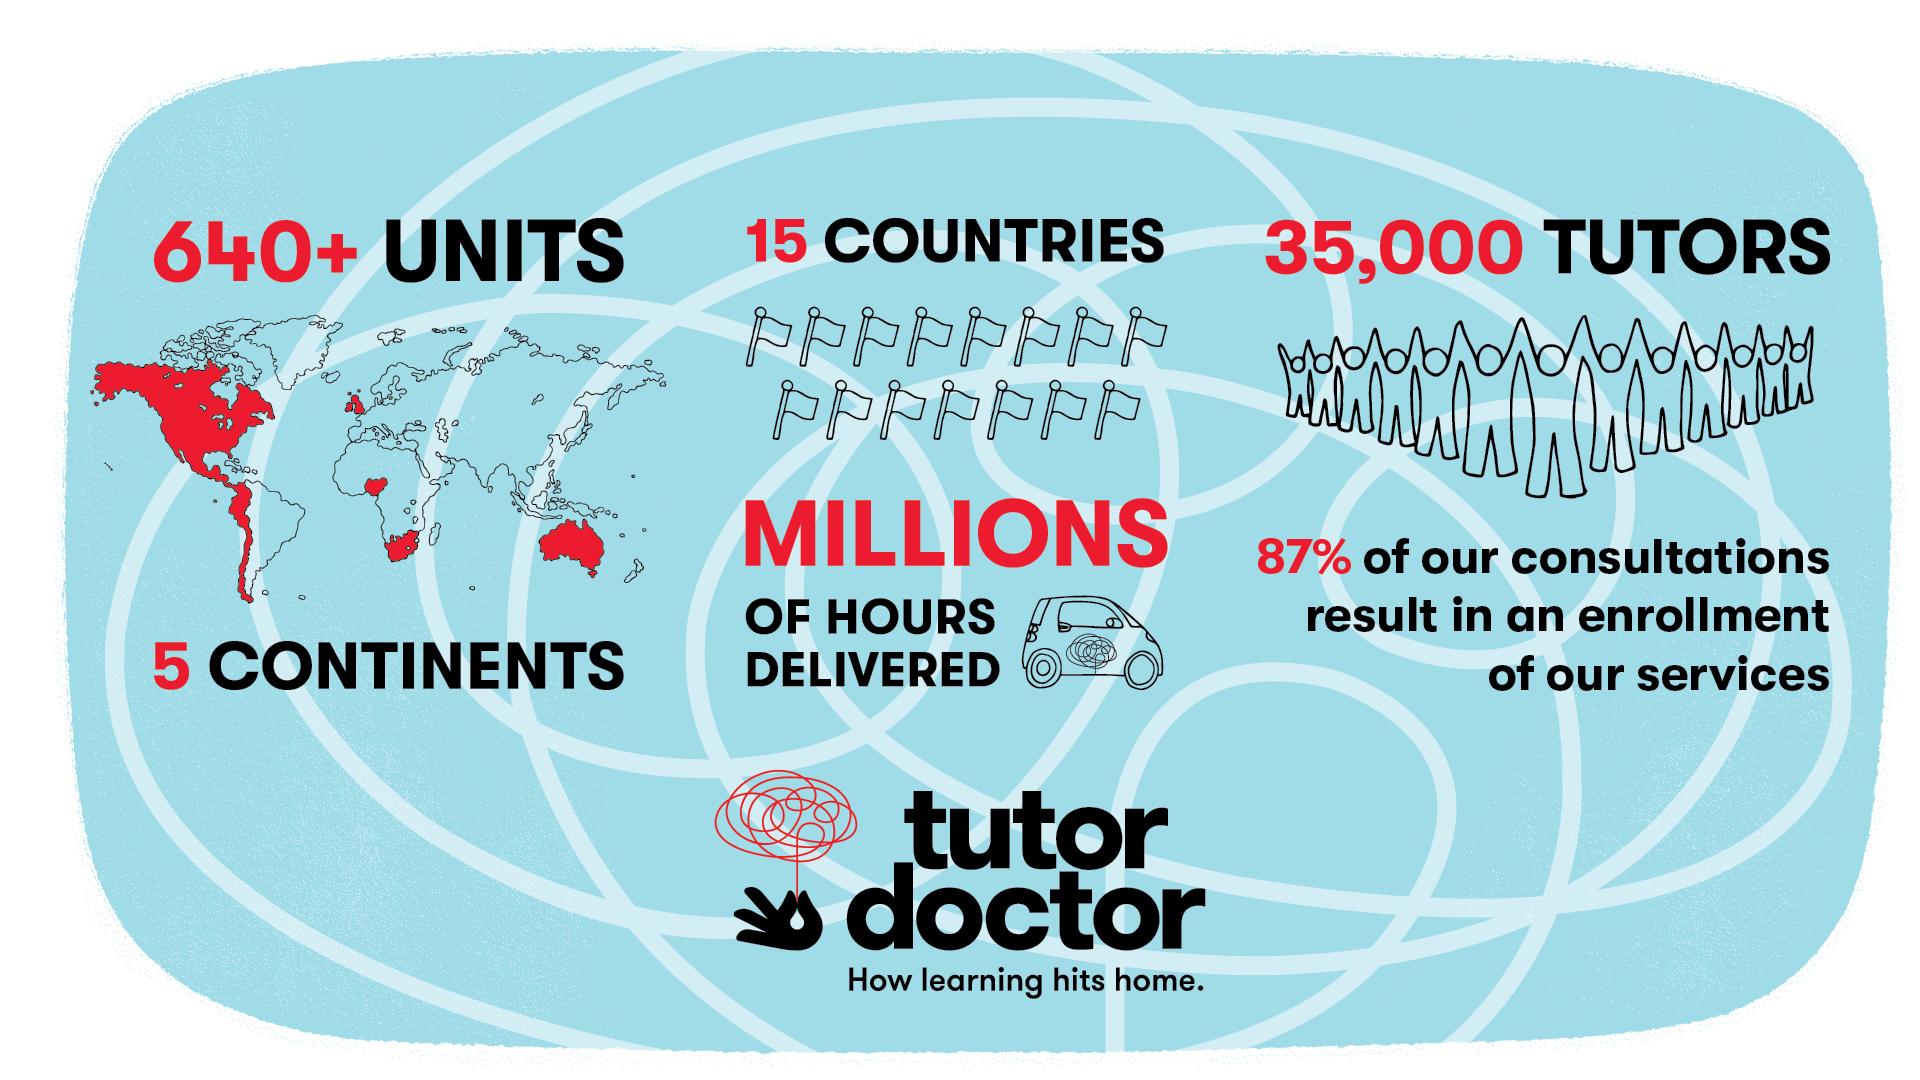 Tutor Doctor Franchise Network